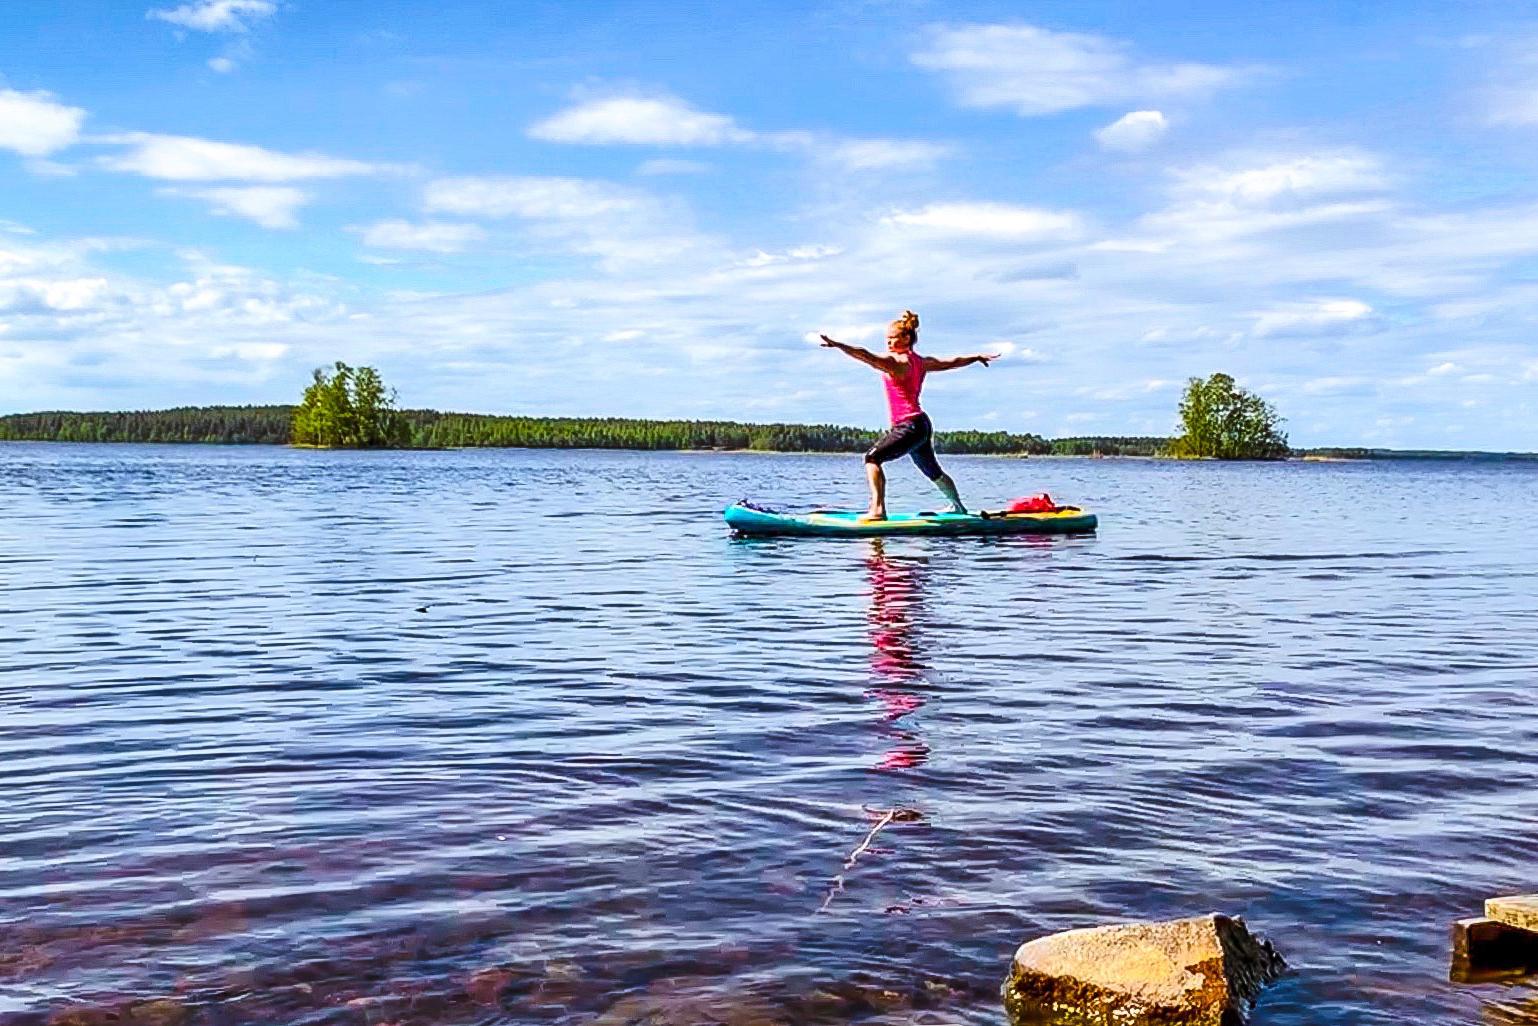 Yoga Saimaa Tanja in Rantasalmi, Saimaa, Finland